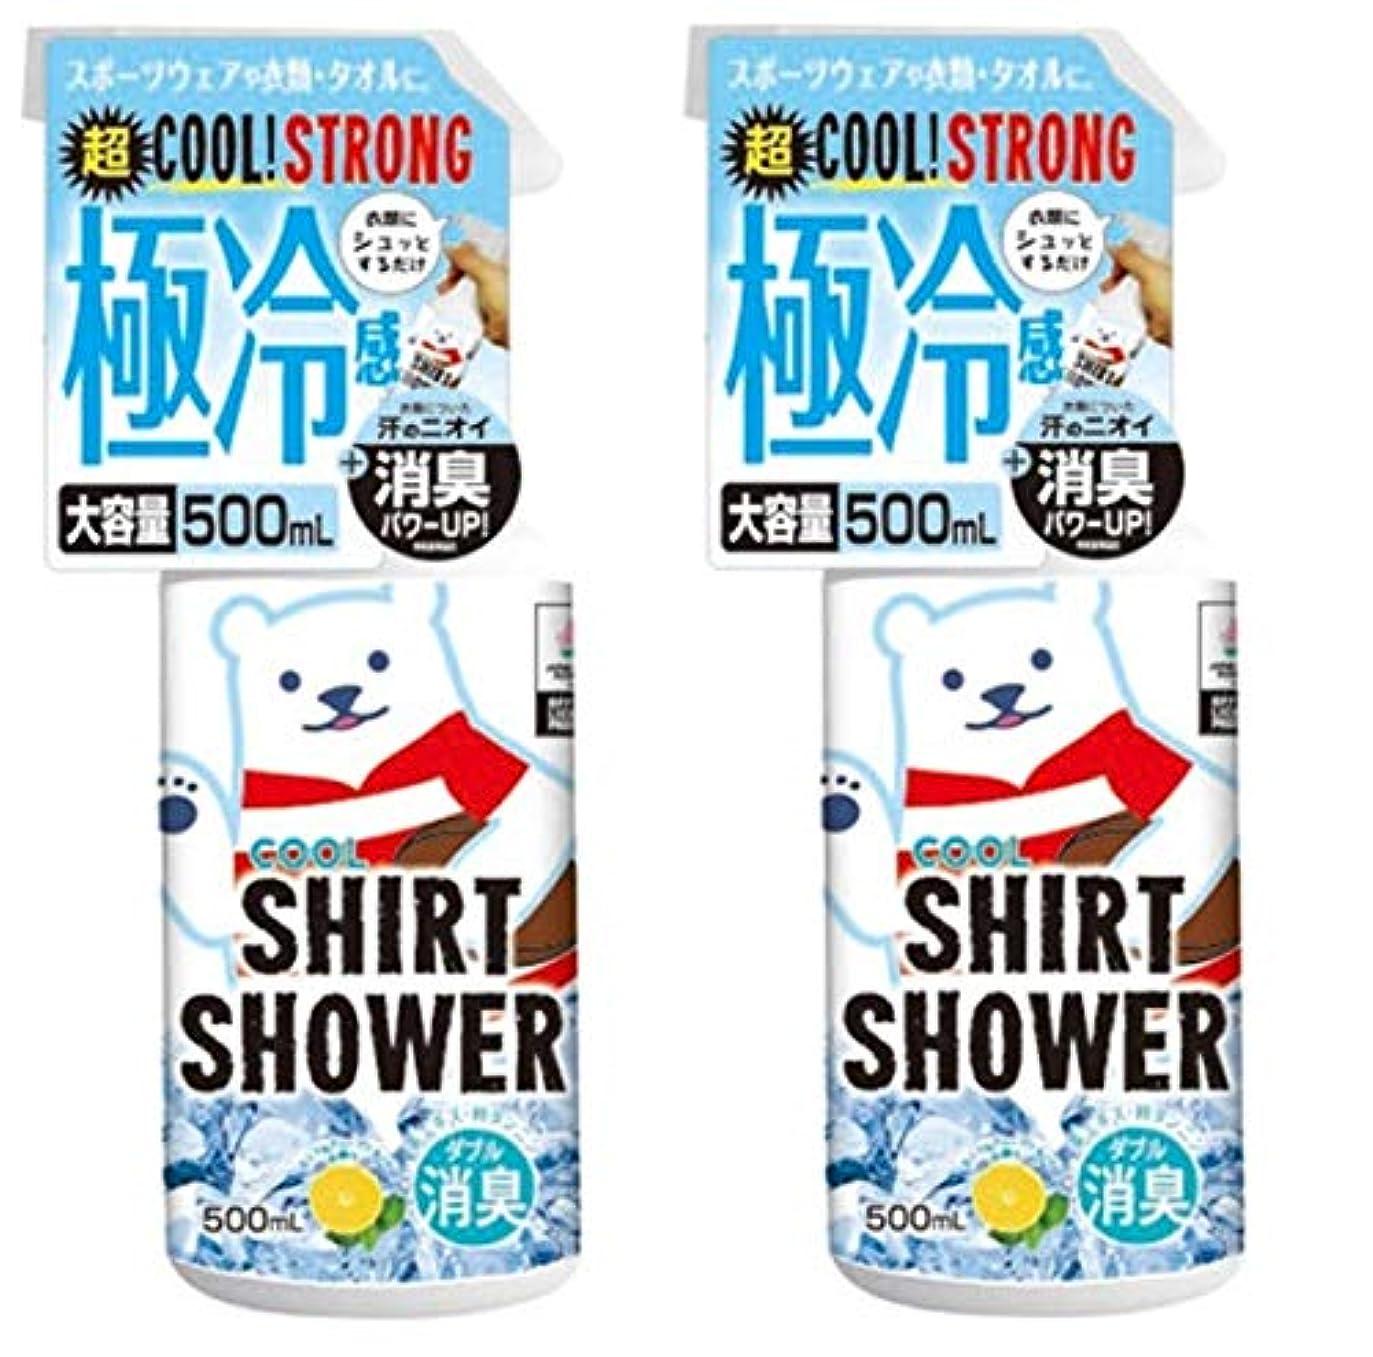 合成環境ダース【数量限定】ラグビー日本代表コラボ ひんやりシャツシャワー ストロングラグビー 500ml (2個)